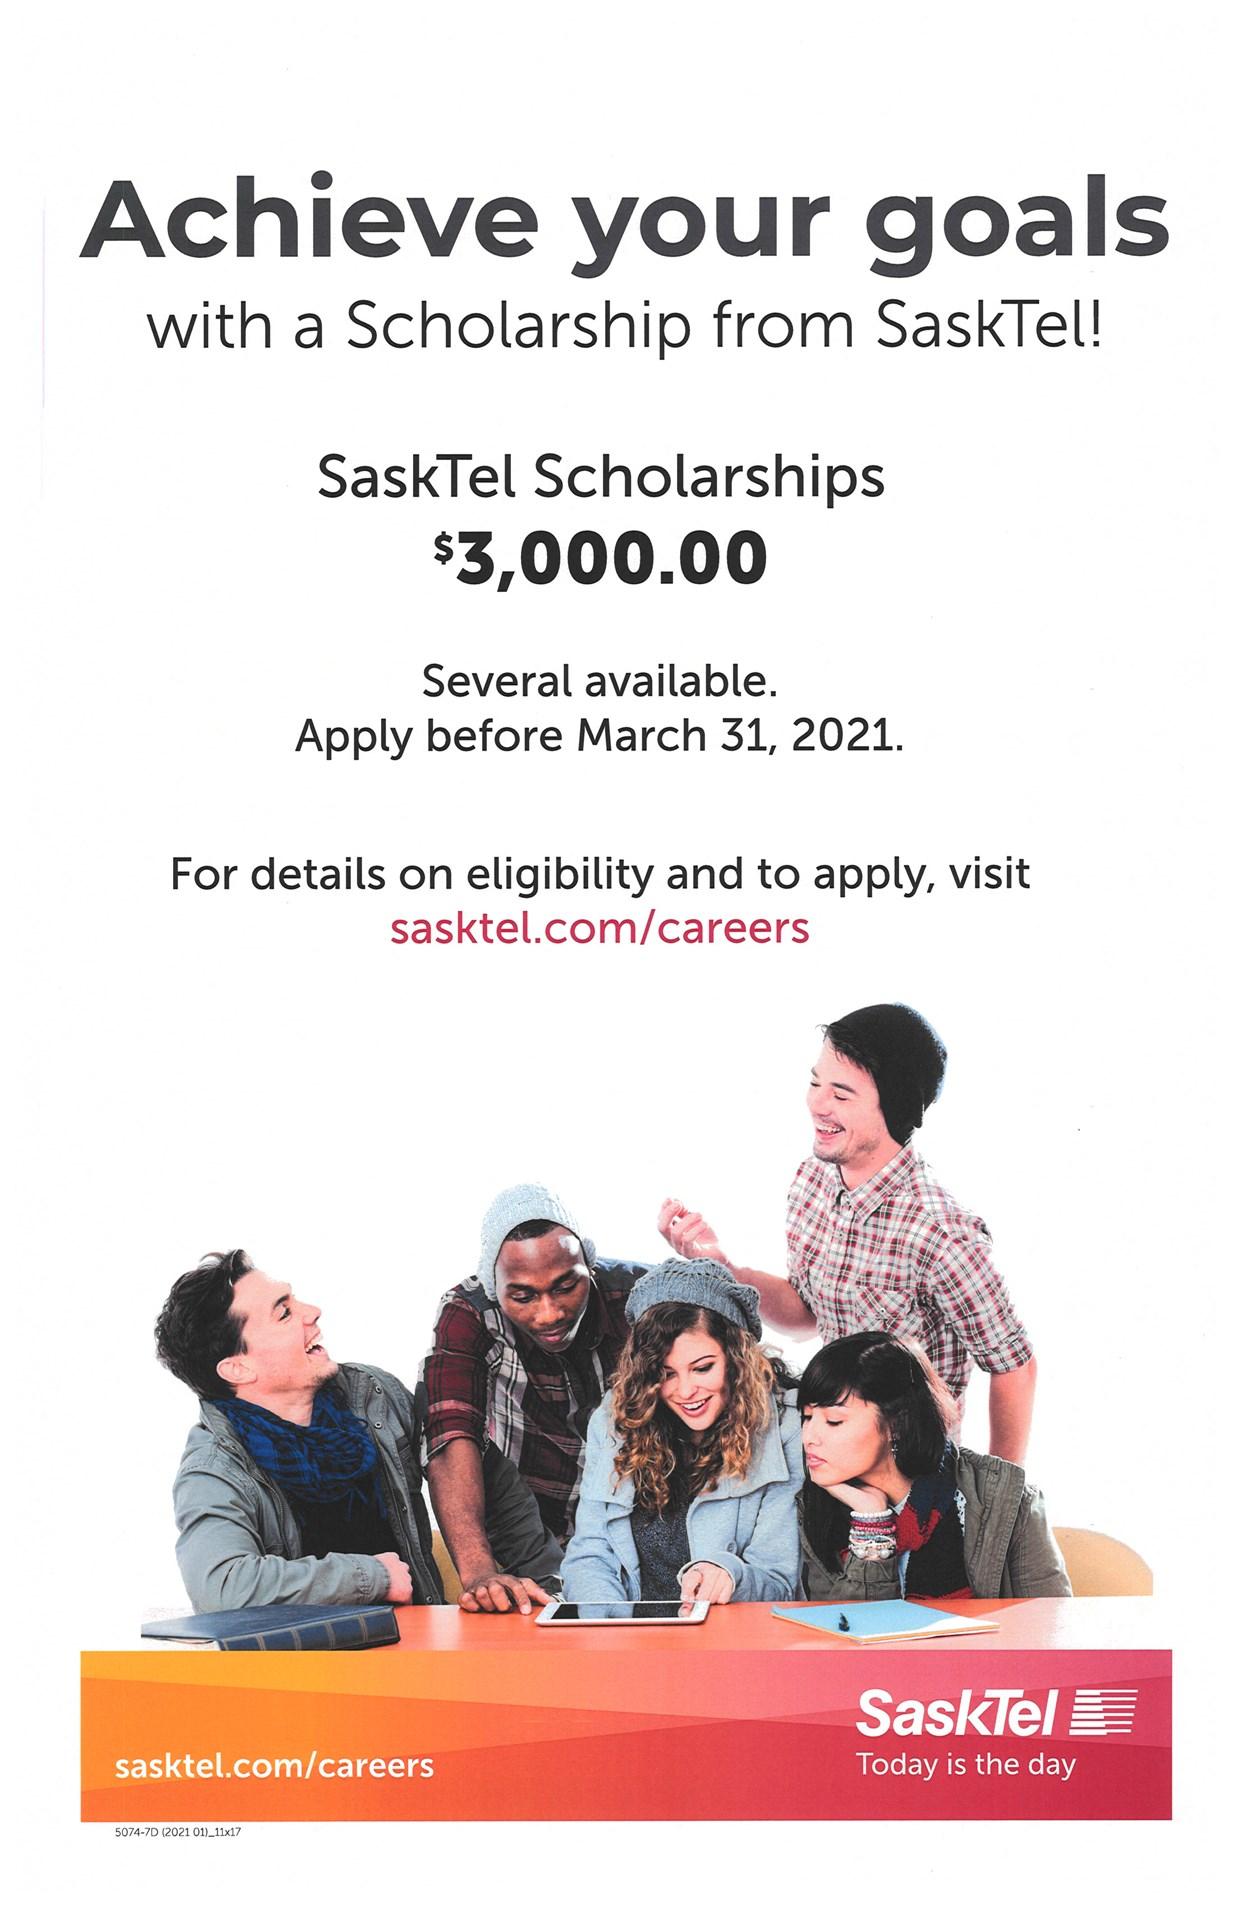 Sasktel Scholarship Poster.jpg